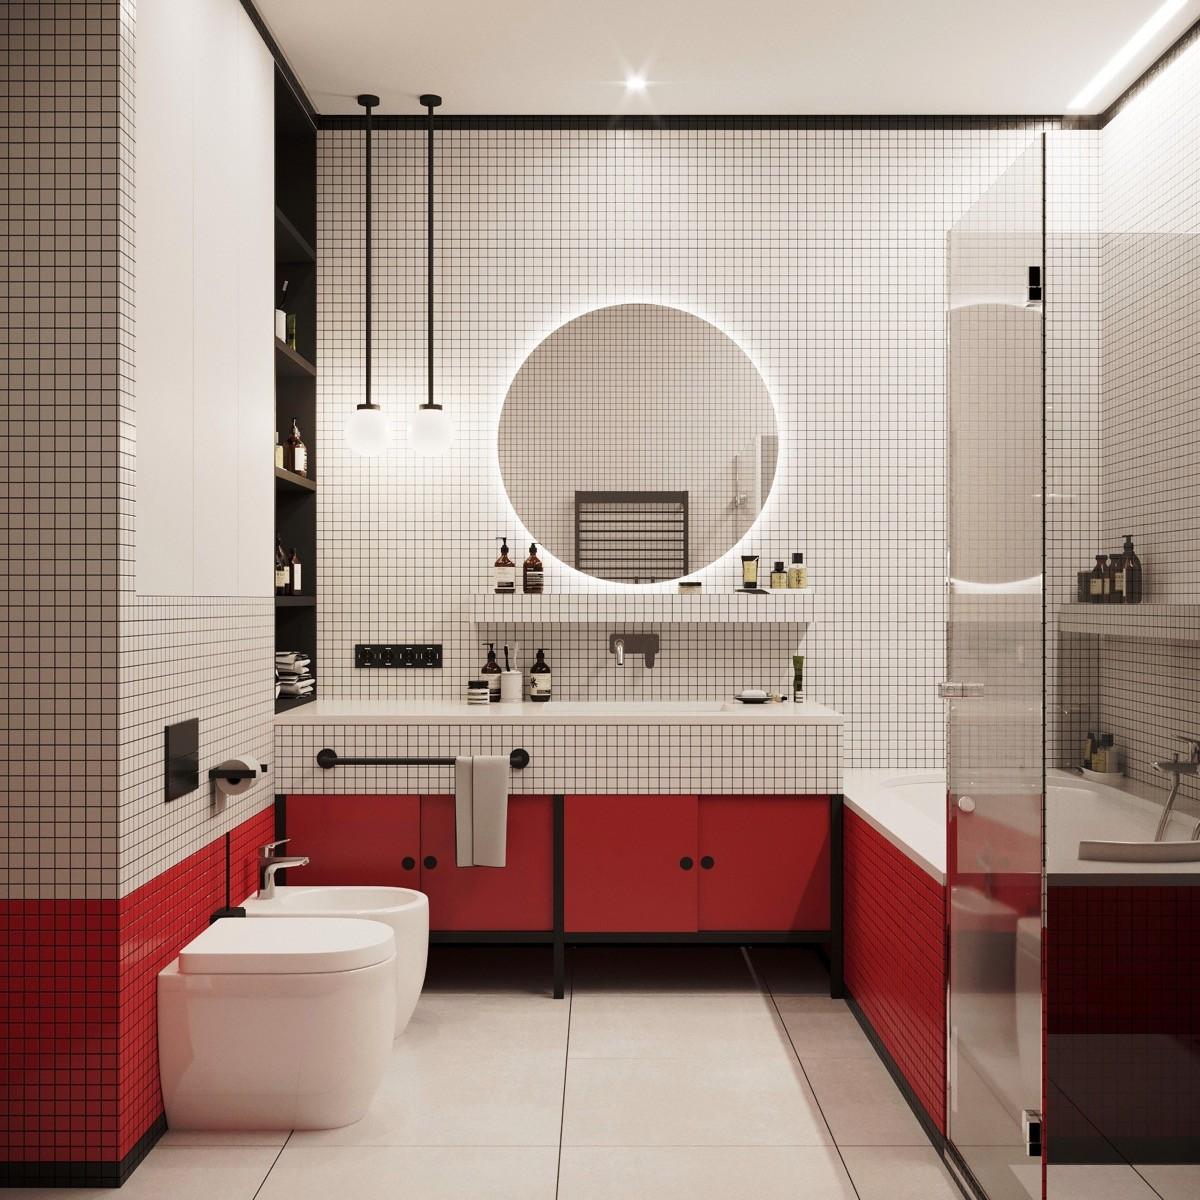 بالصور ديكور الحمام باللون الأحمر- الأحمر في الجزء السفلي من الحمام